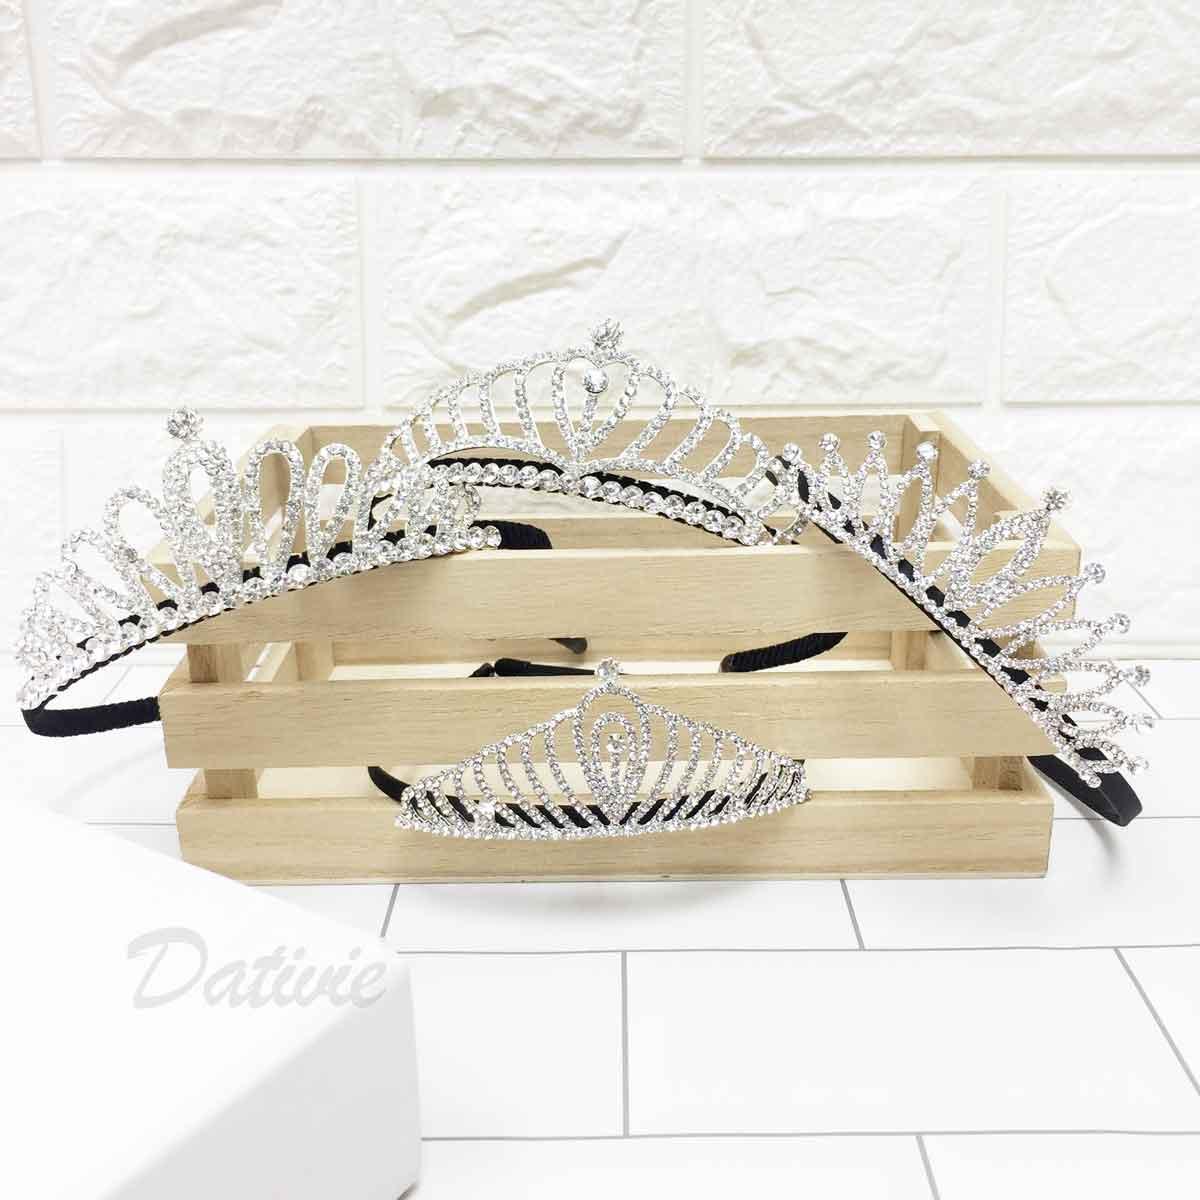 水鑽皇冠 立體 公主 兒童髮飾 髮箍 頭箍